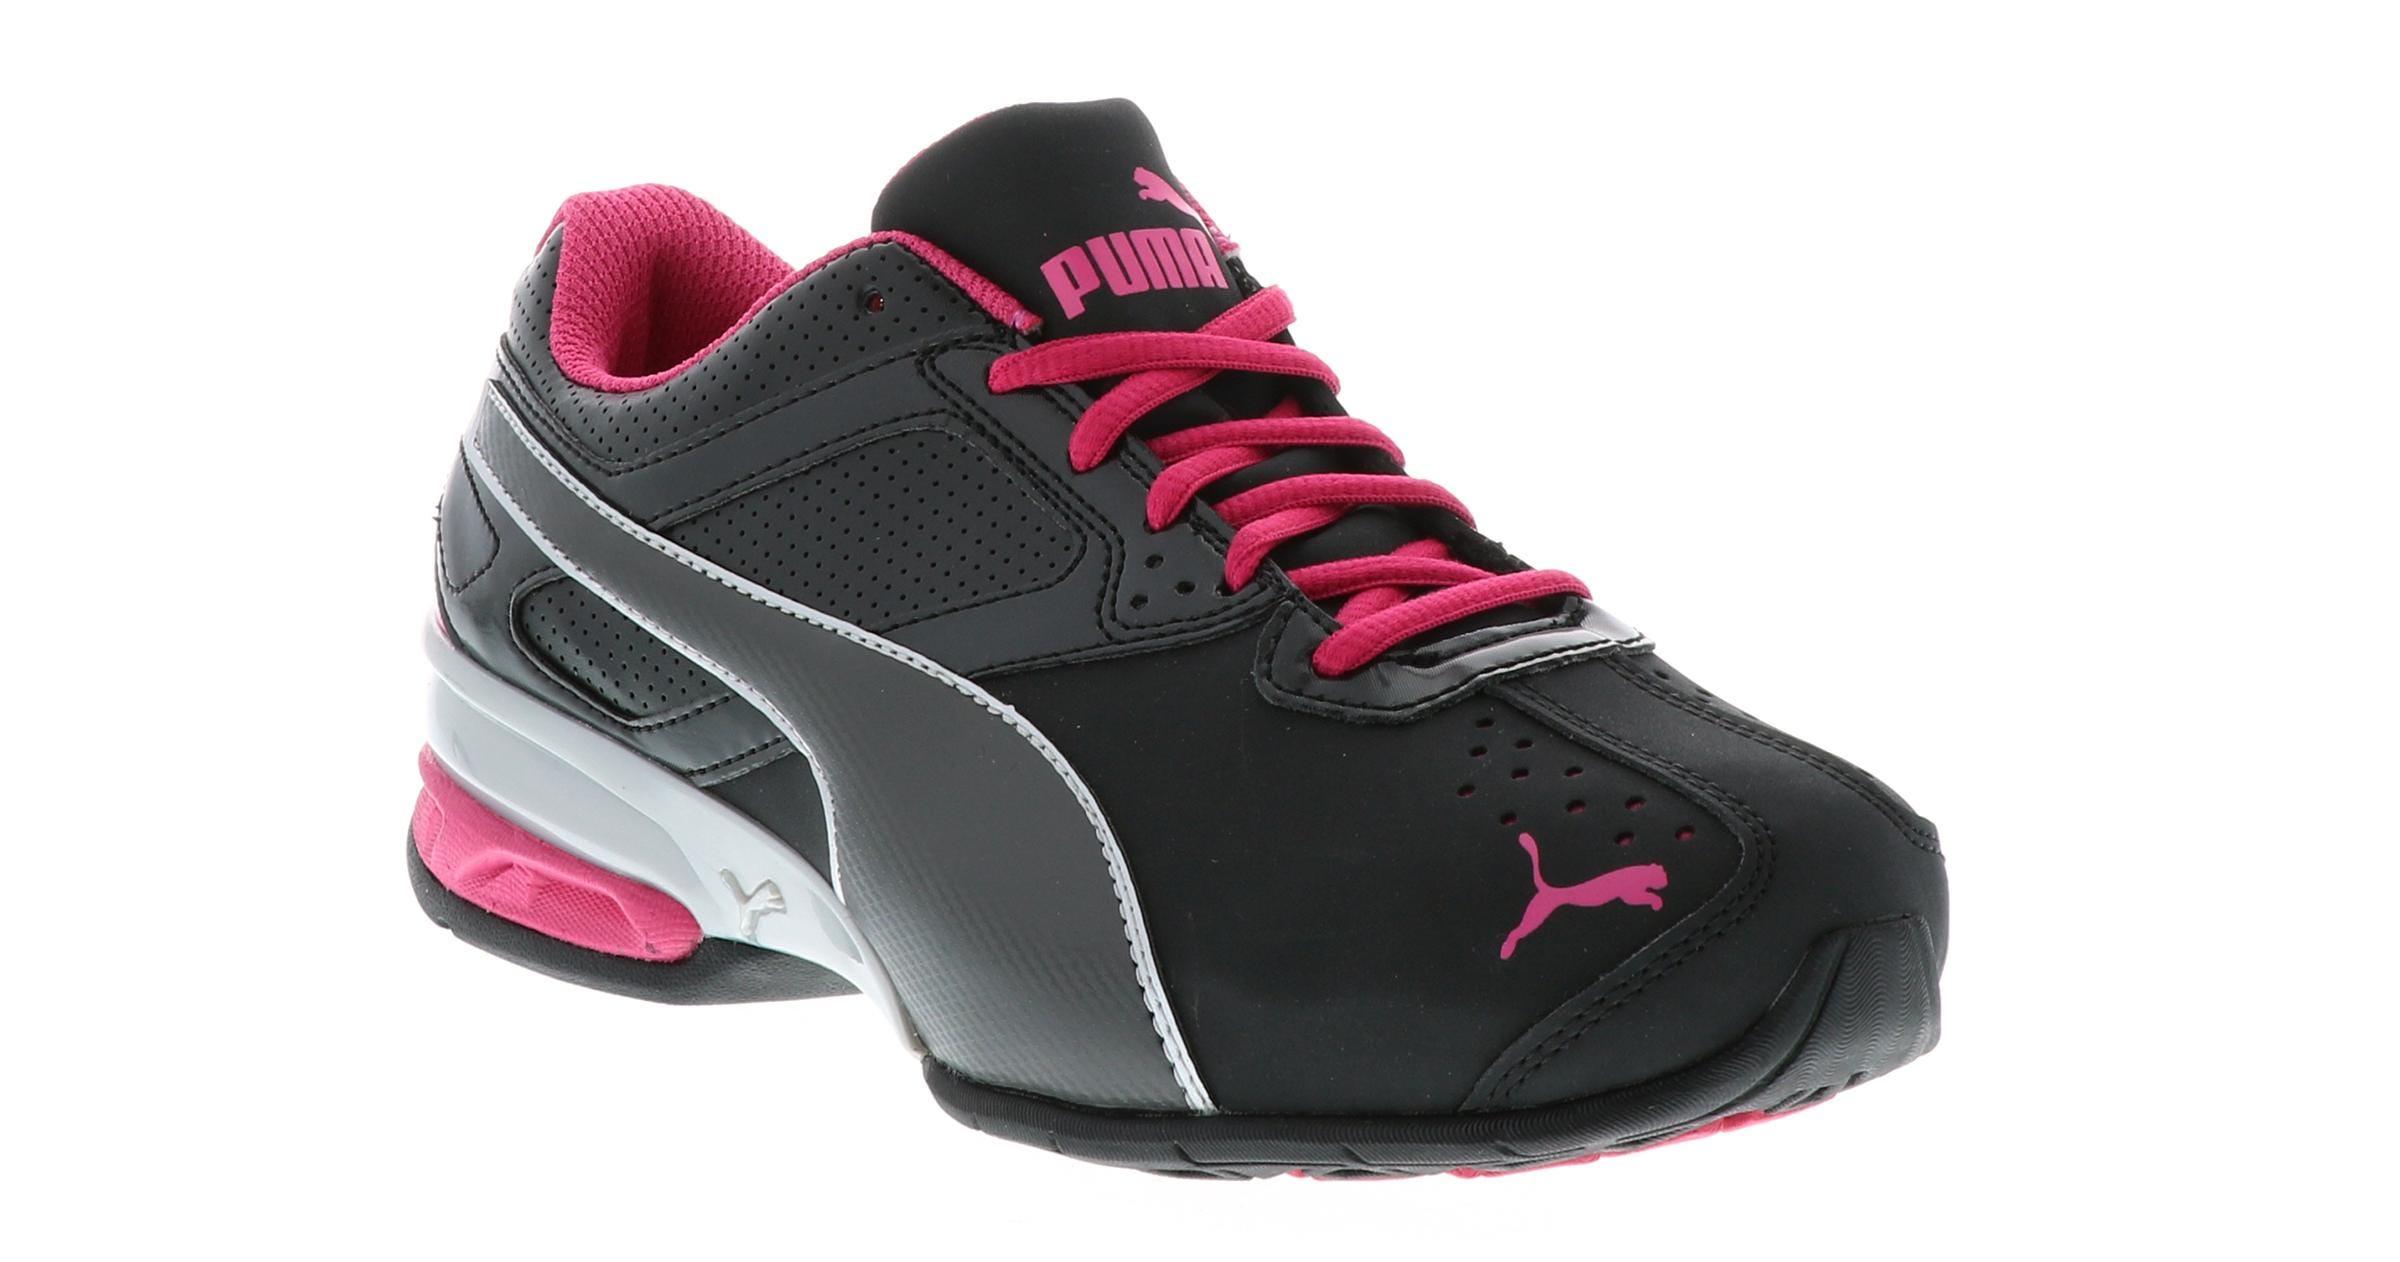 PUMA Women's Tazon 6 Wide Running Shoes|Shoe Sensation